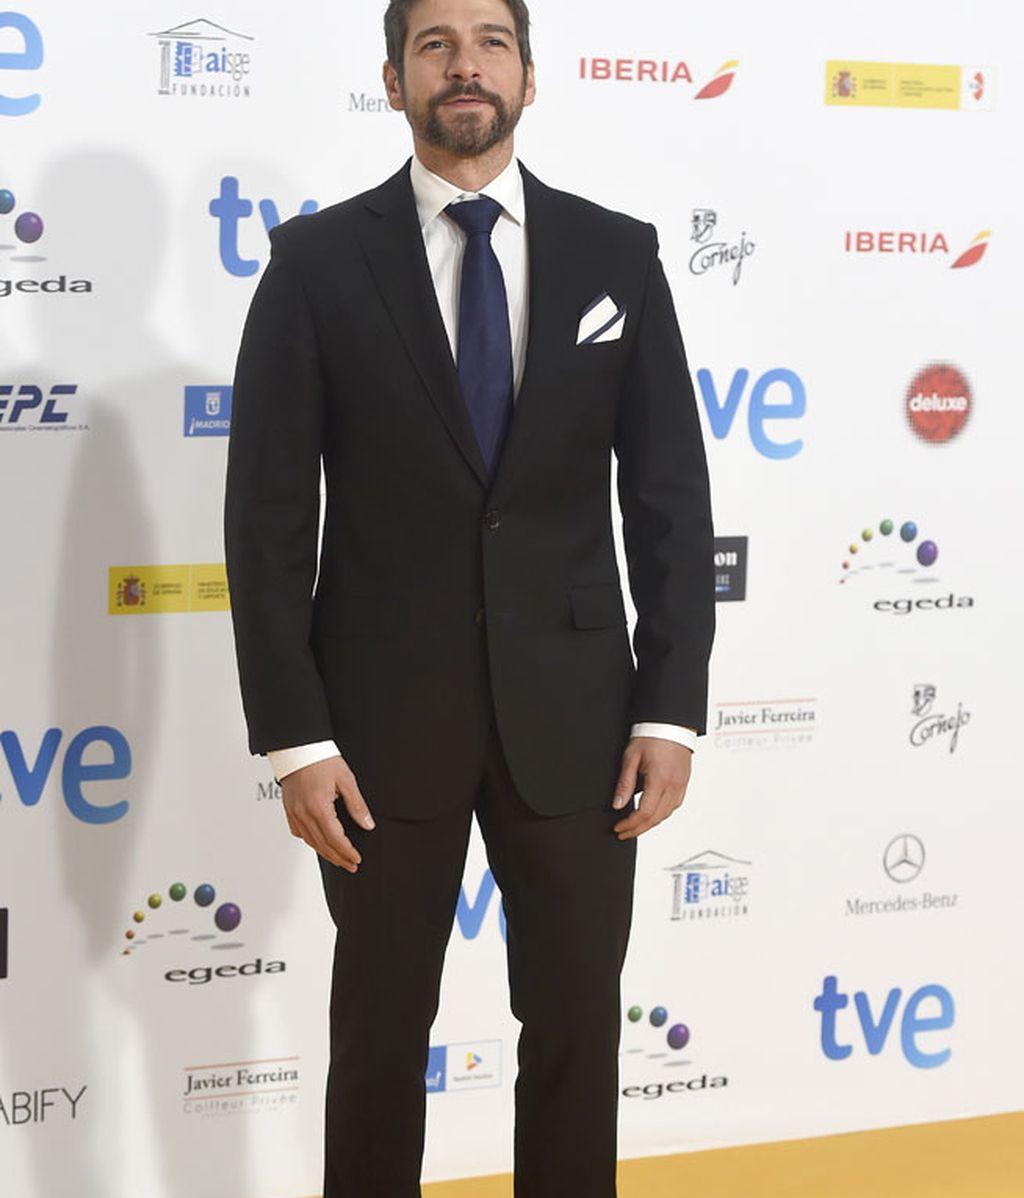 Félix Gómez con traje negro y corbata azul